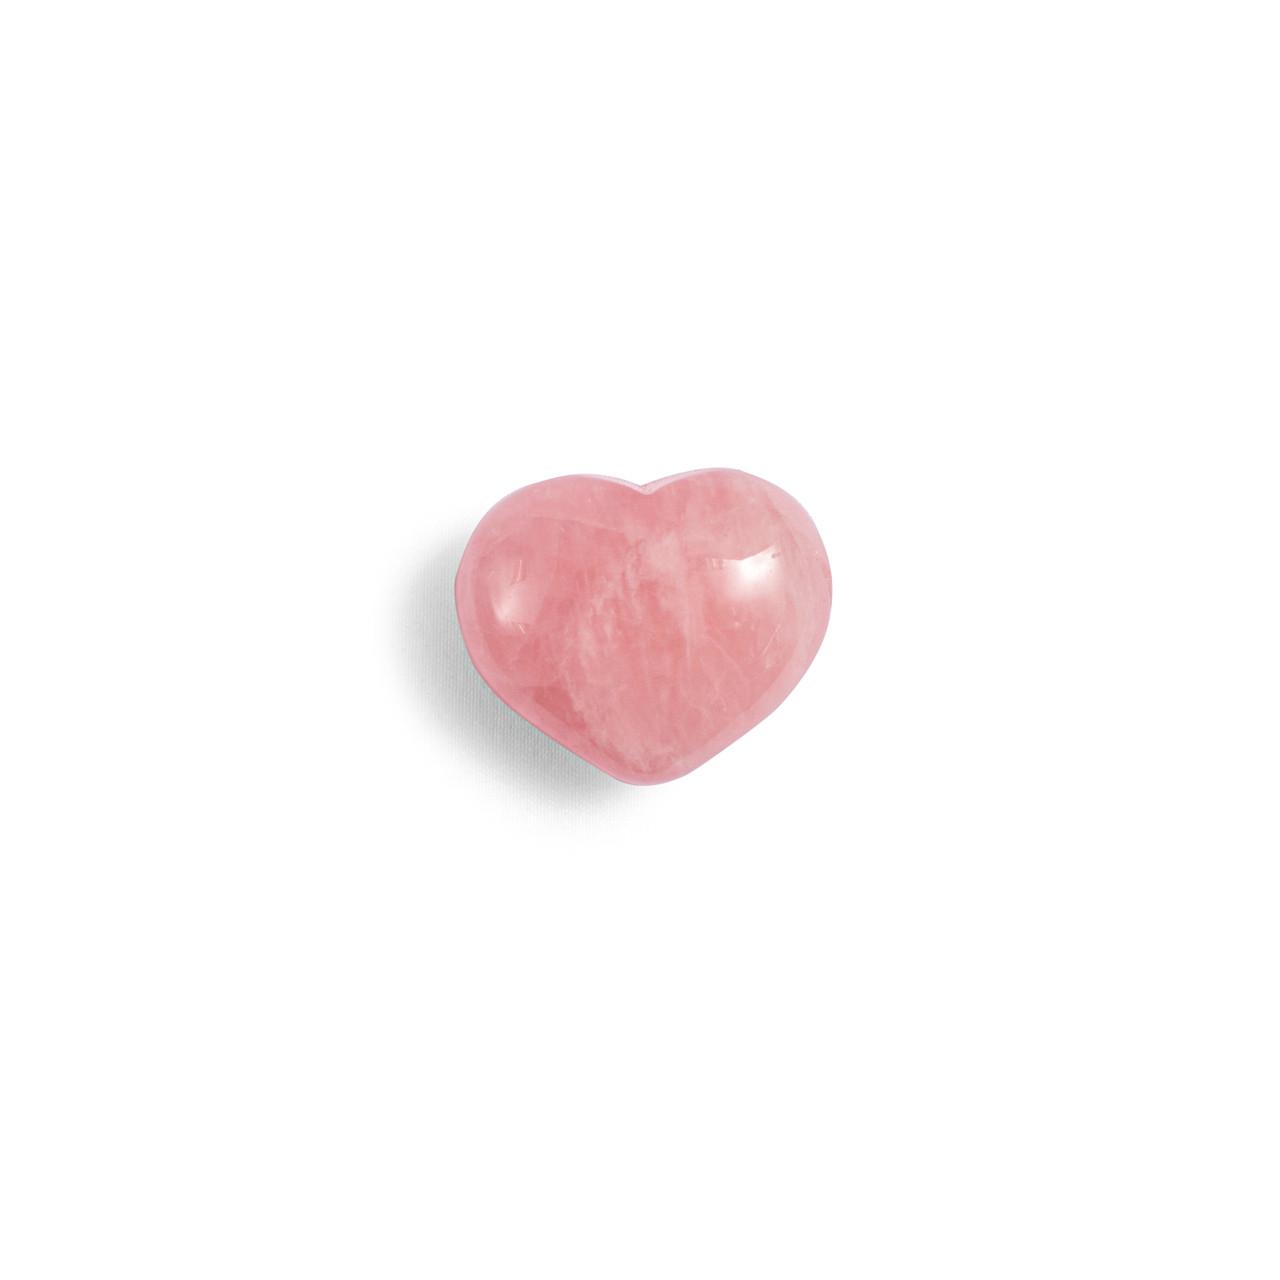 Rose Quartz Mini Heart Shaped Stone